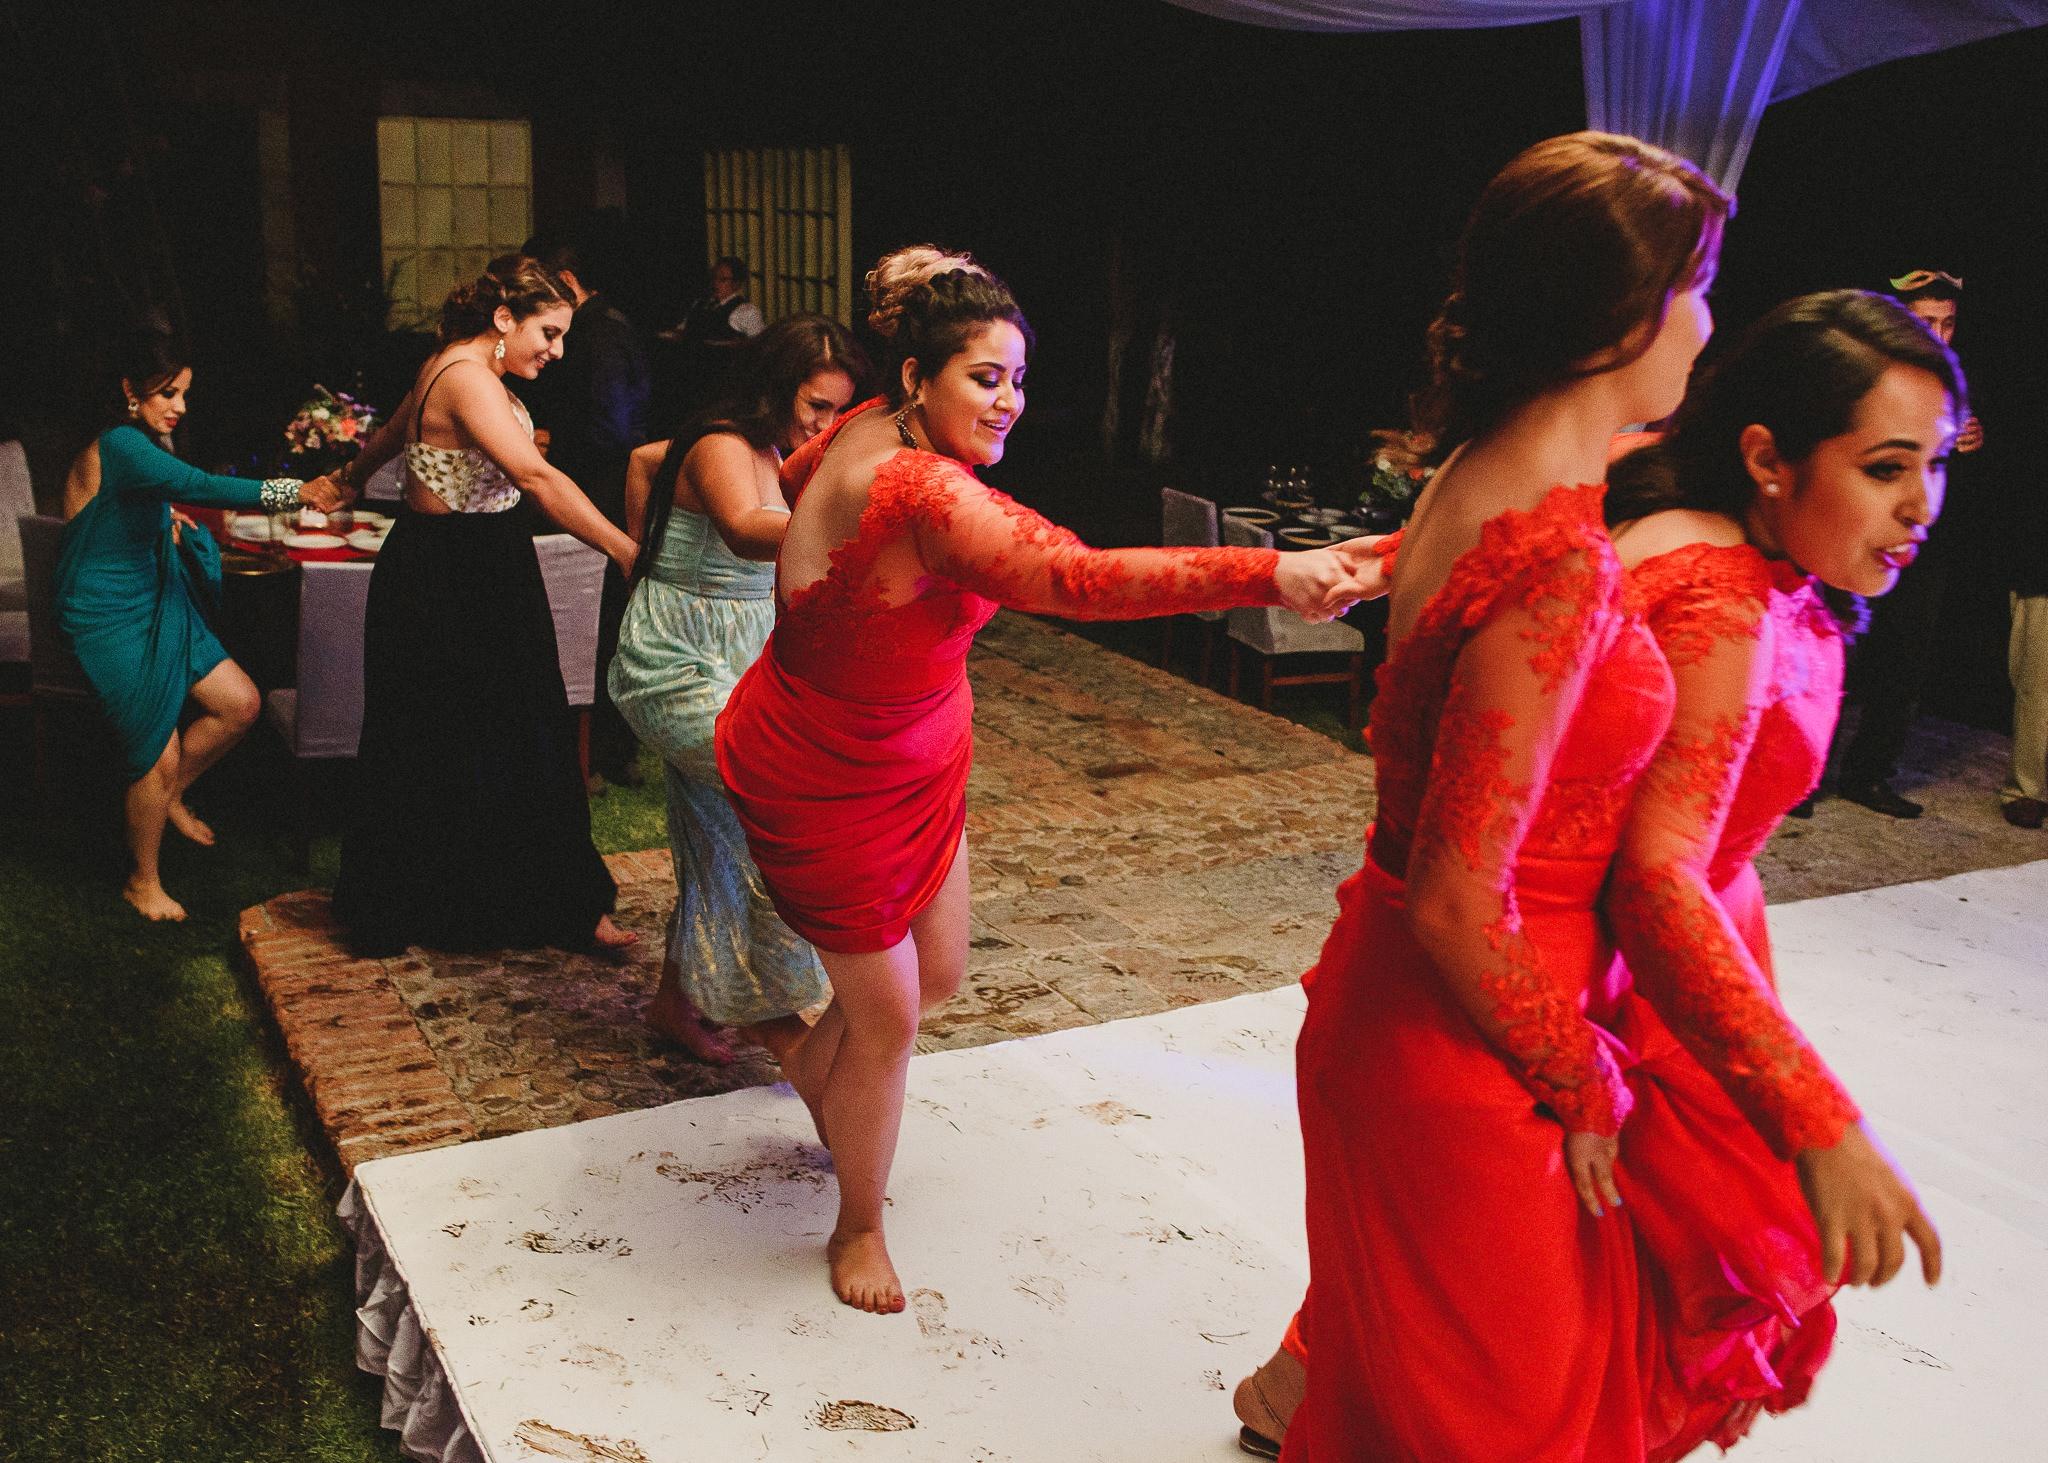 03boda-en-jardin-wedding-hacienda-los-cuartos-fotografo-luis-houdin126